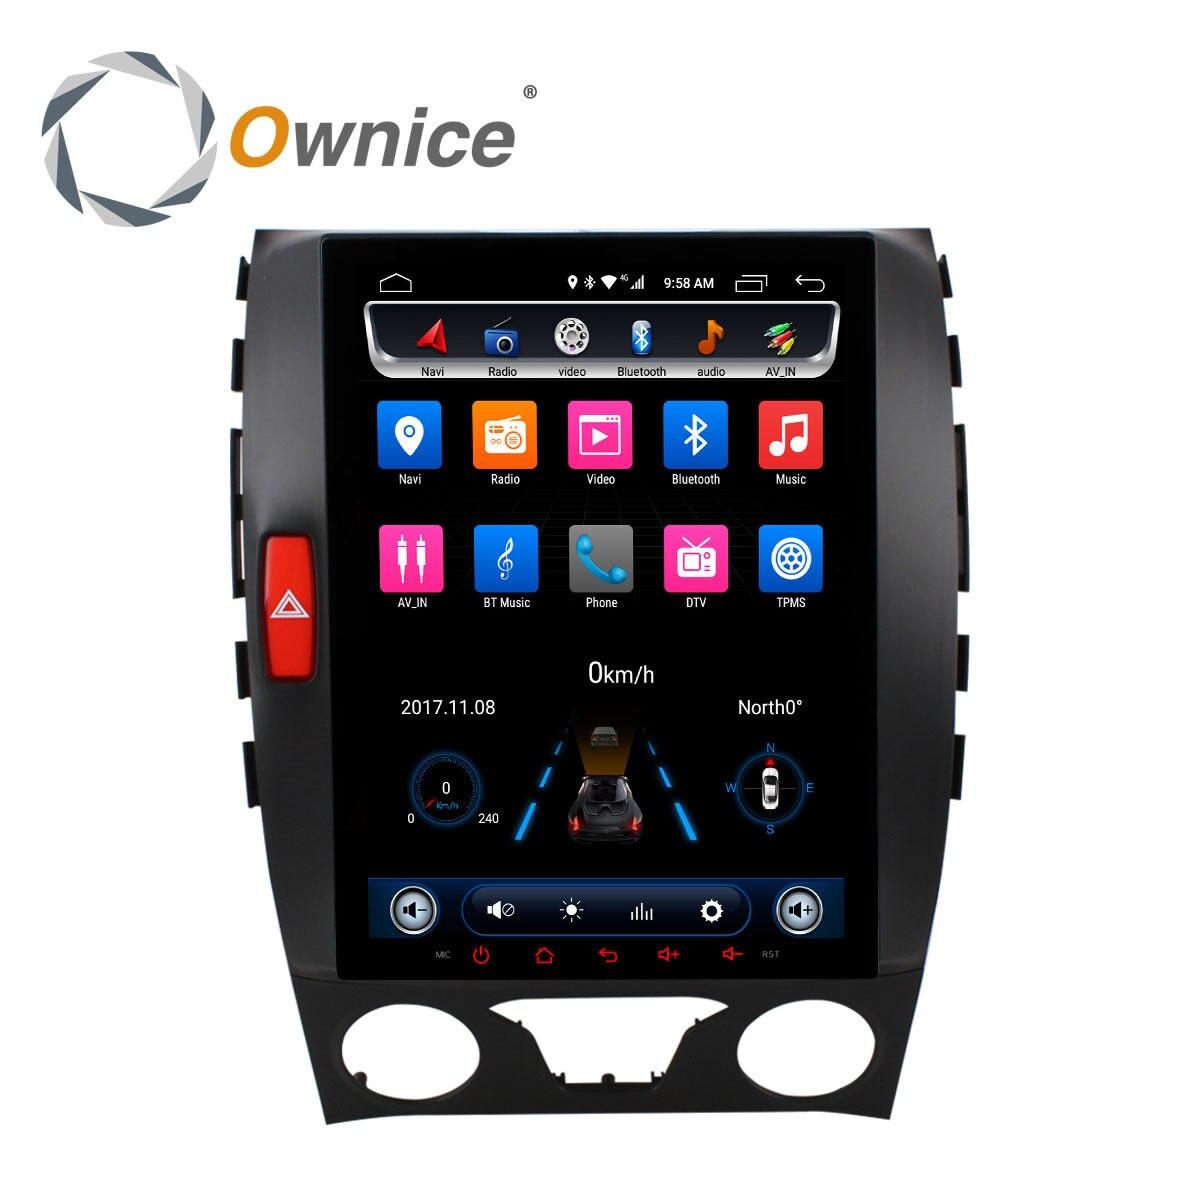 Ownice 8 Core Android 6.0 Lecteur DVD de voiture Pour Ford Edge 2015-2017 2din Radio de Navigation GPS de Voiture de Soutien jouer DVR DAB + 4G Carte SIM